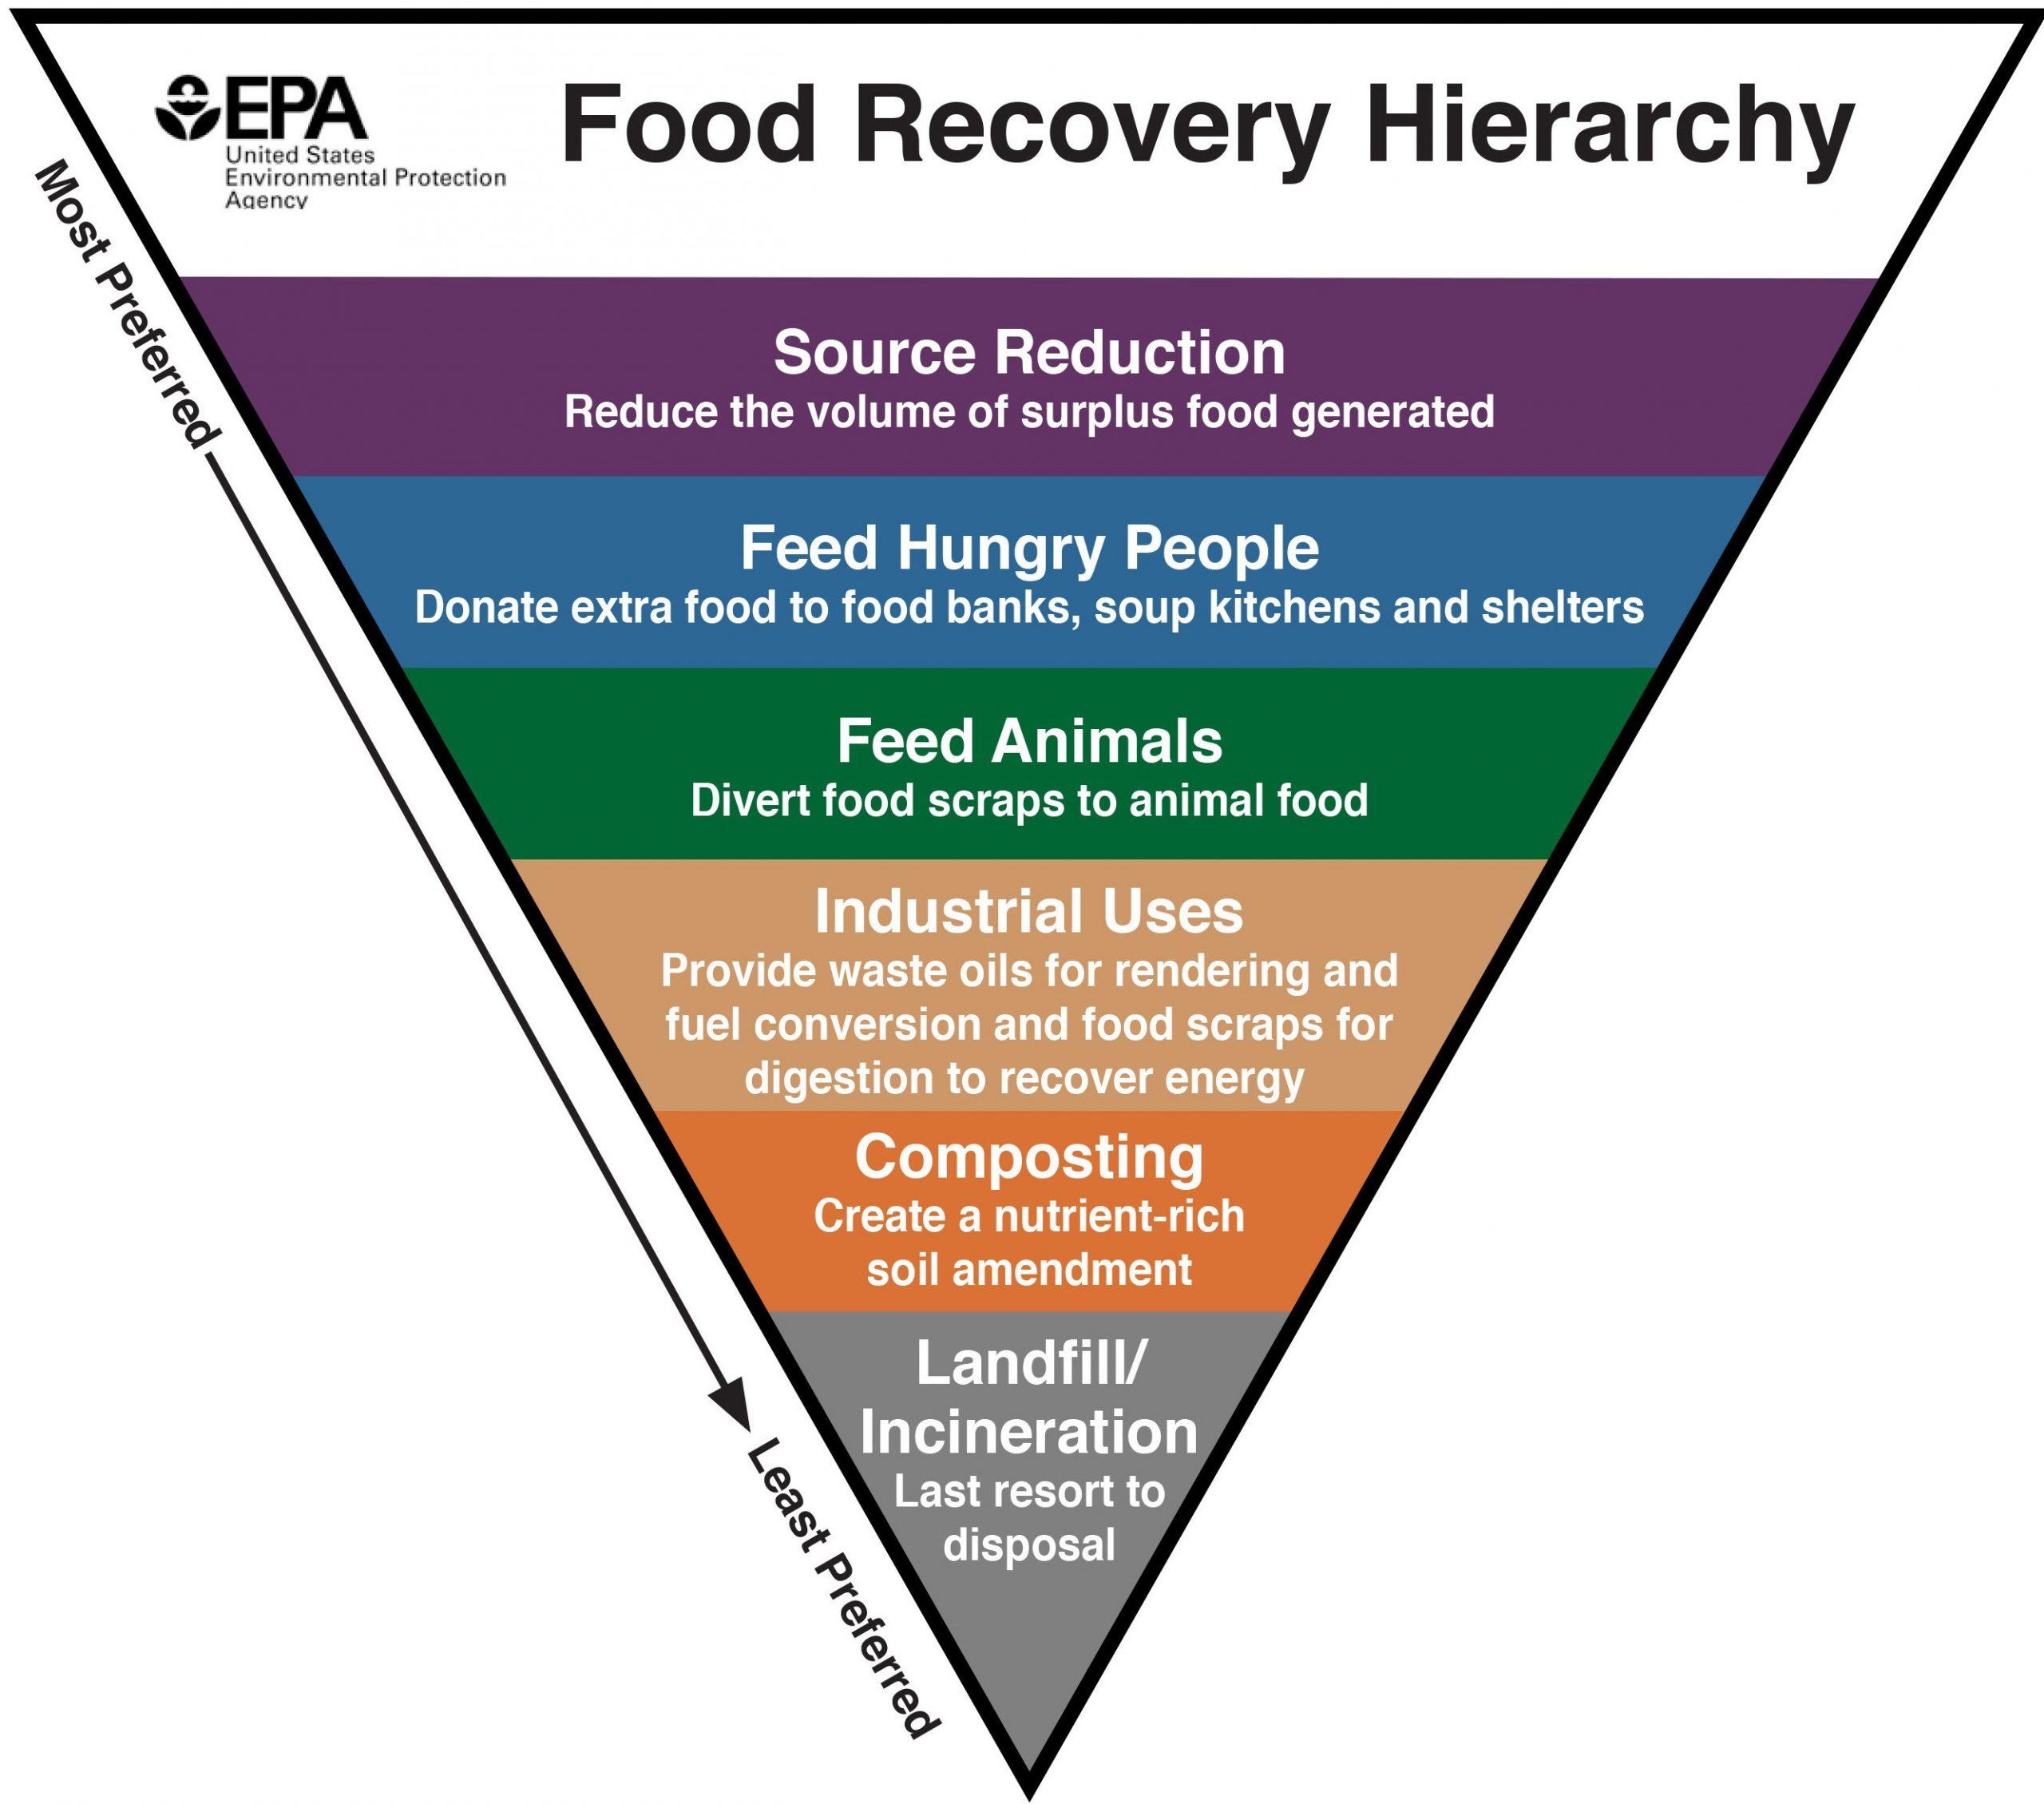 EPA - Food Waste Hierarchy